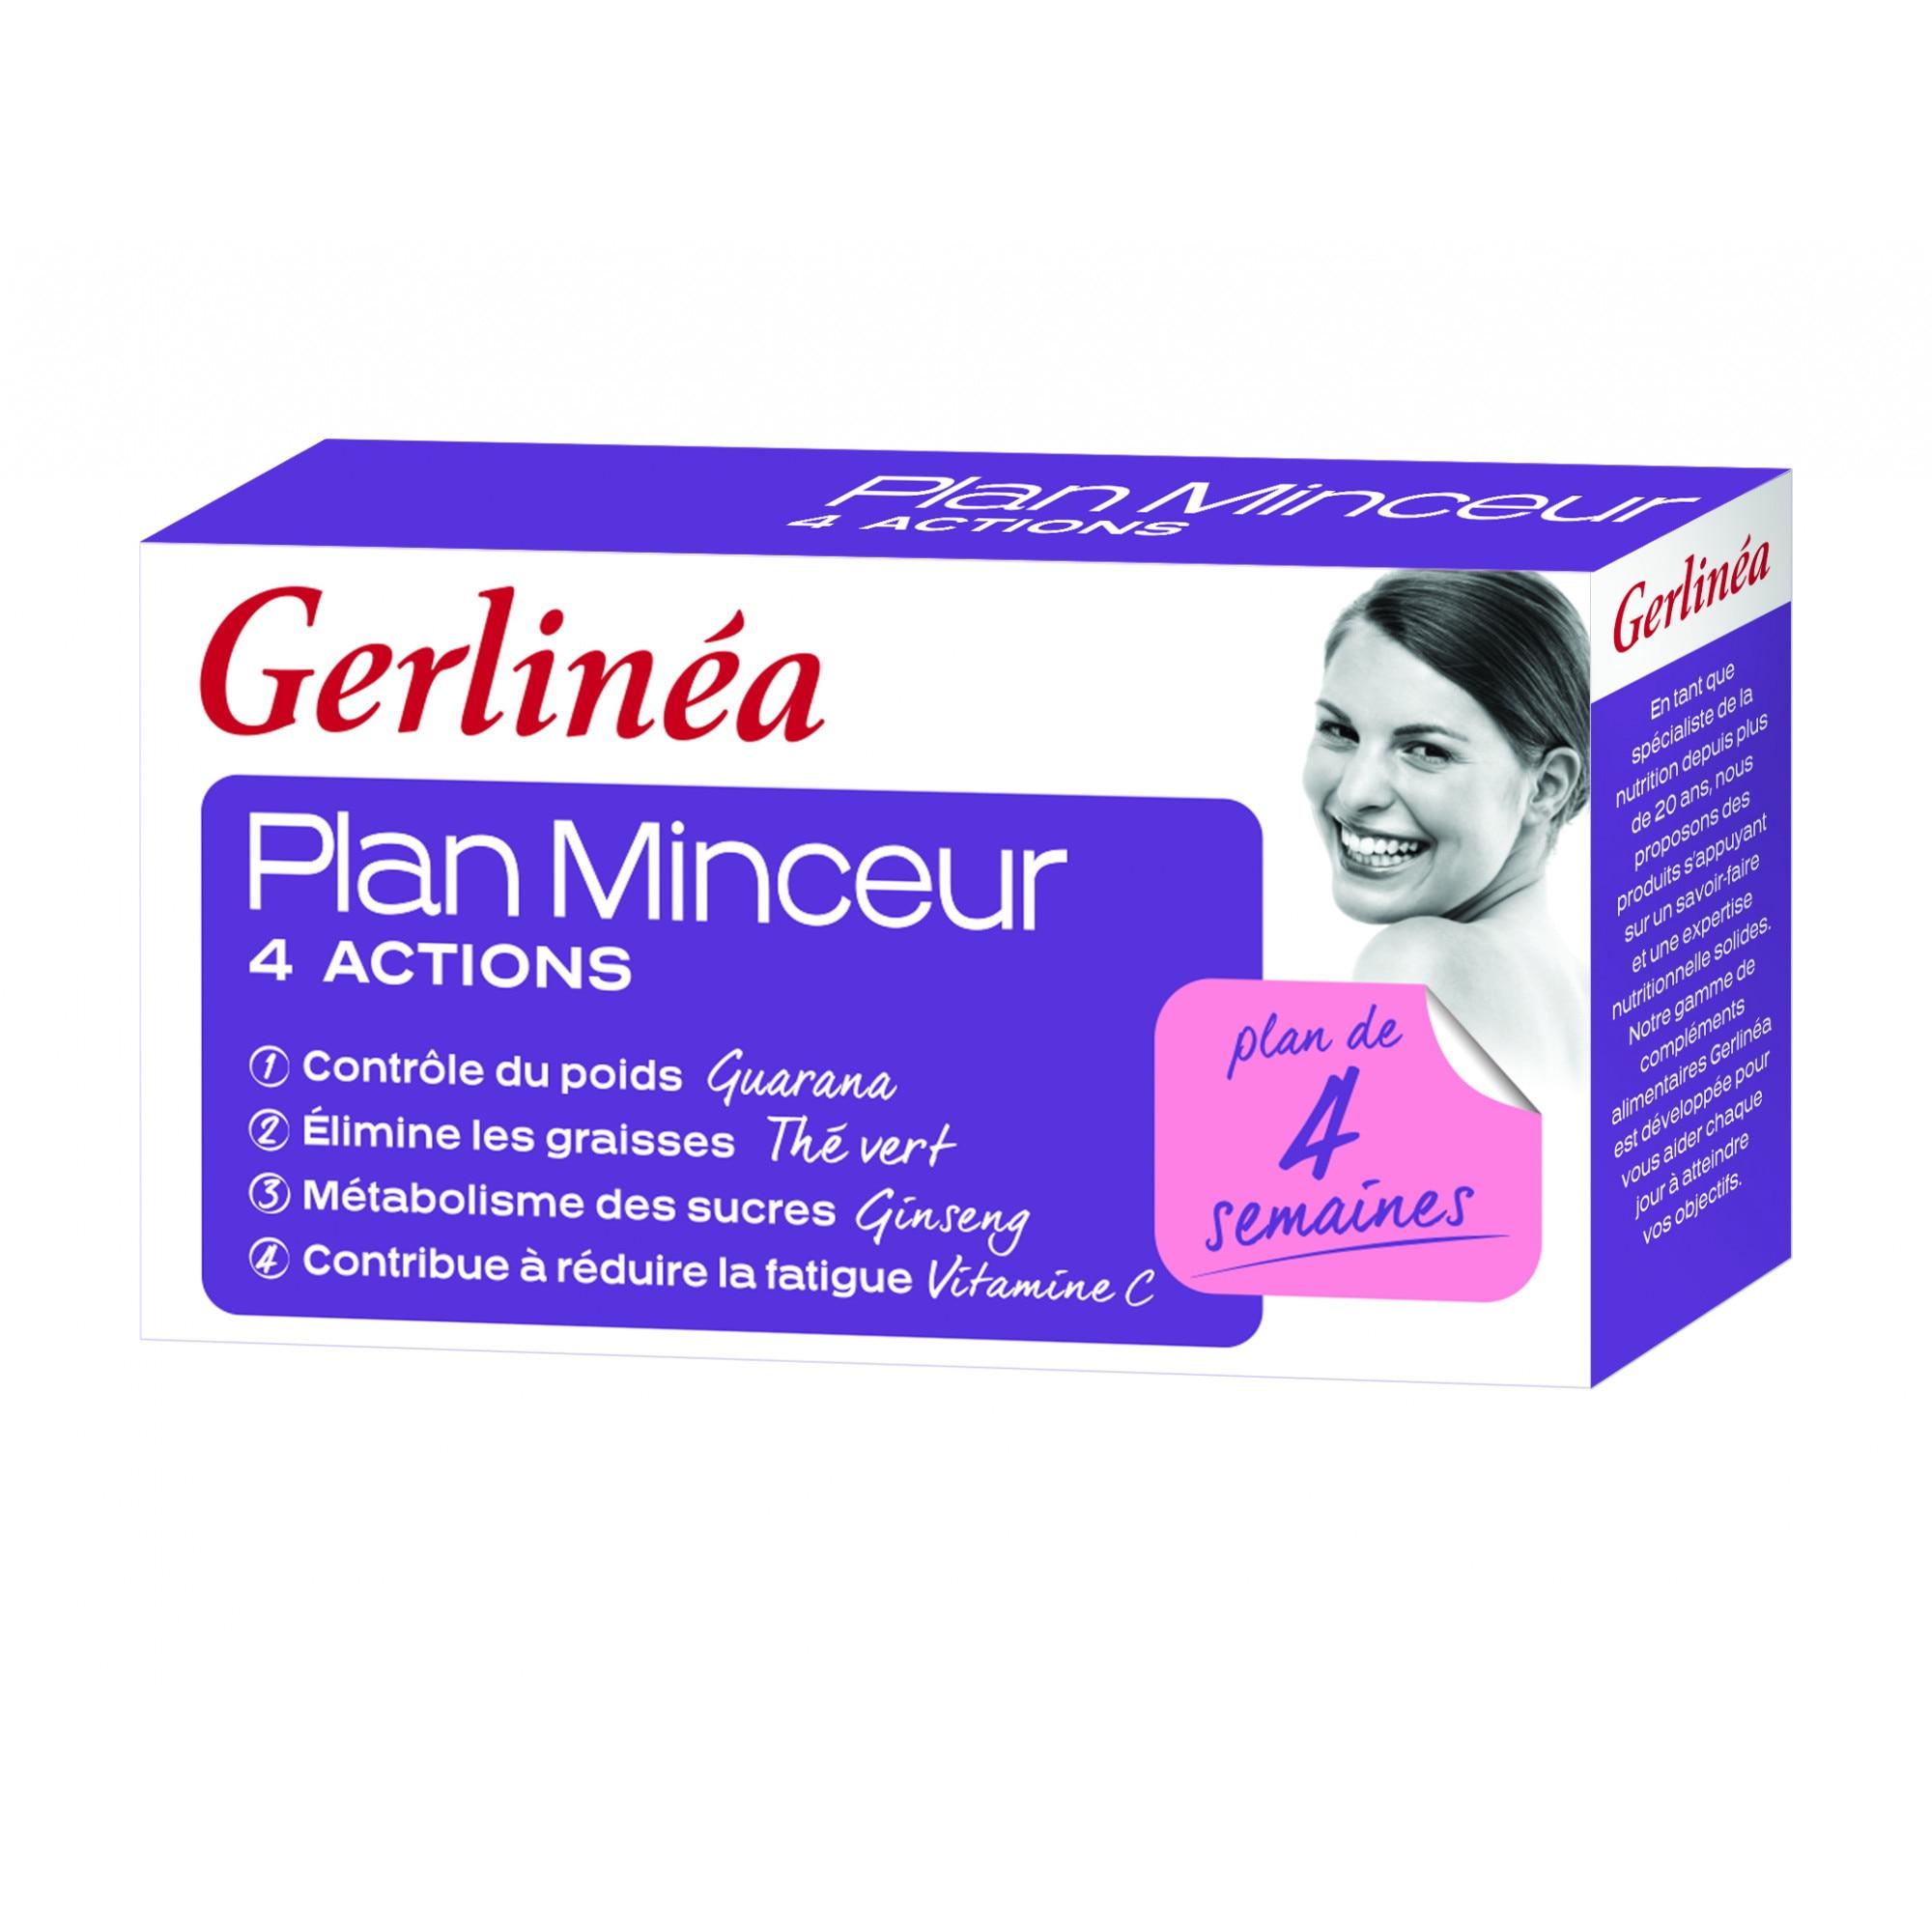 Slăbește sănătos cu Gerlinea